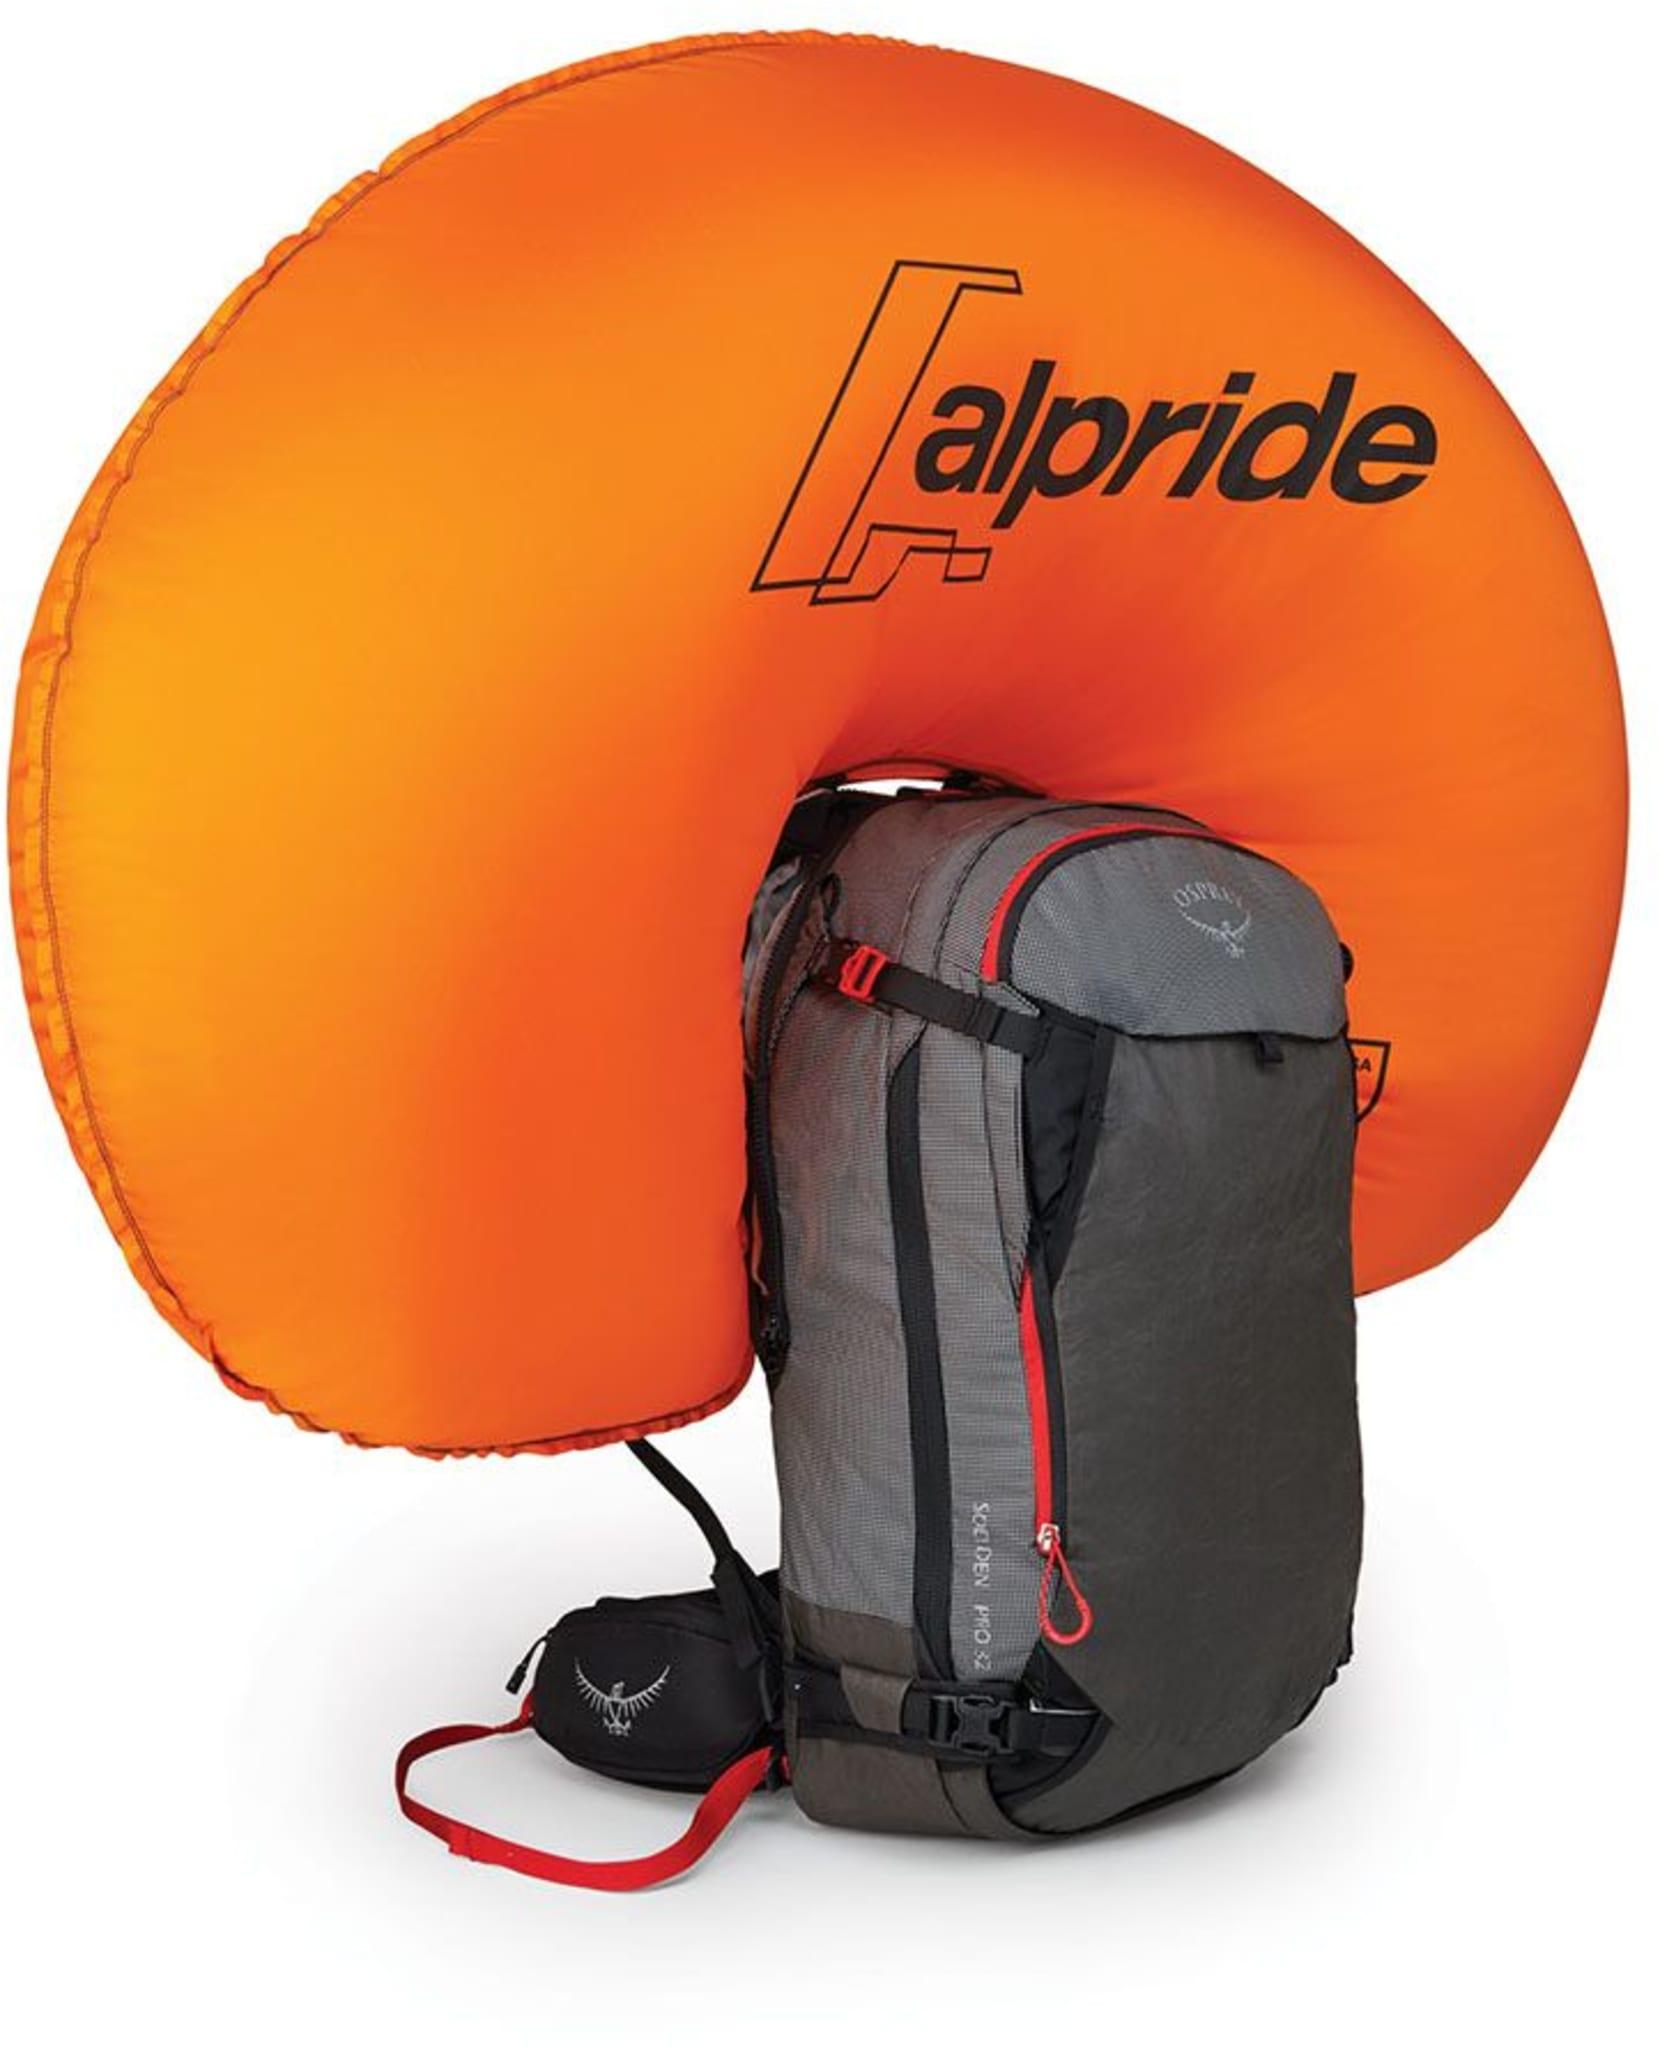 Elektrisk ballongsekk med lav vekt og topp kvalitet!